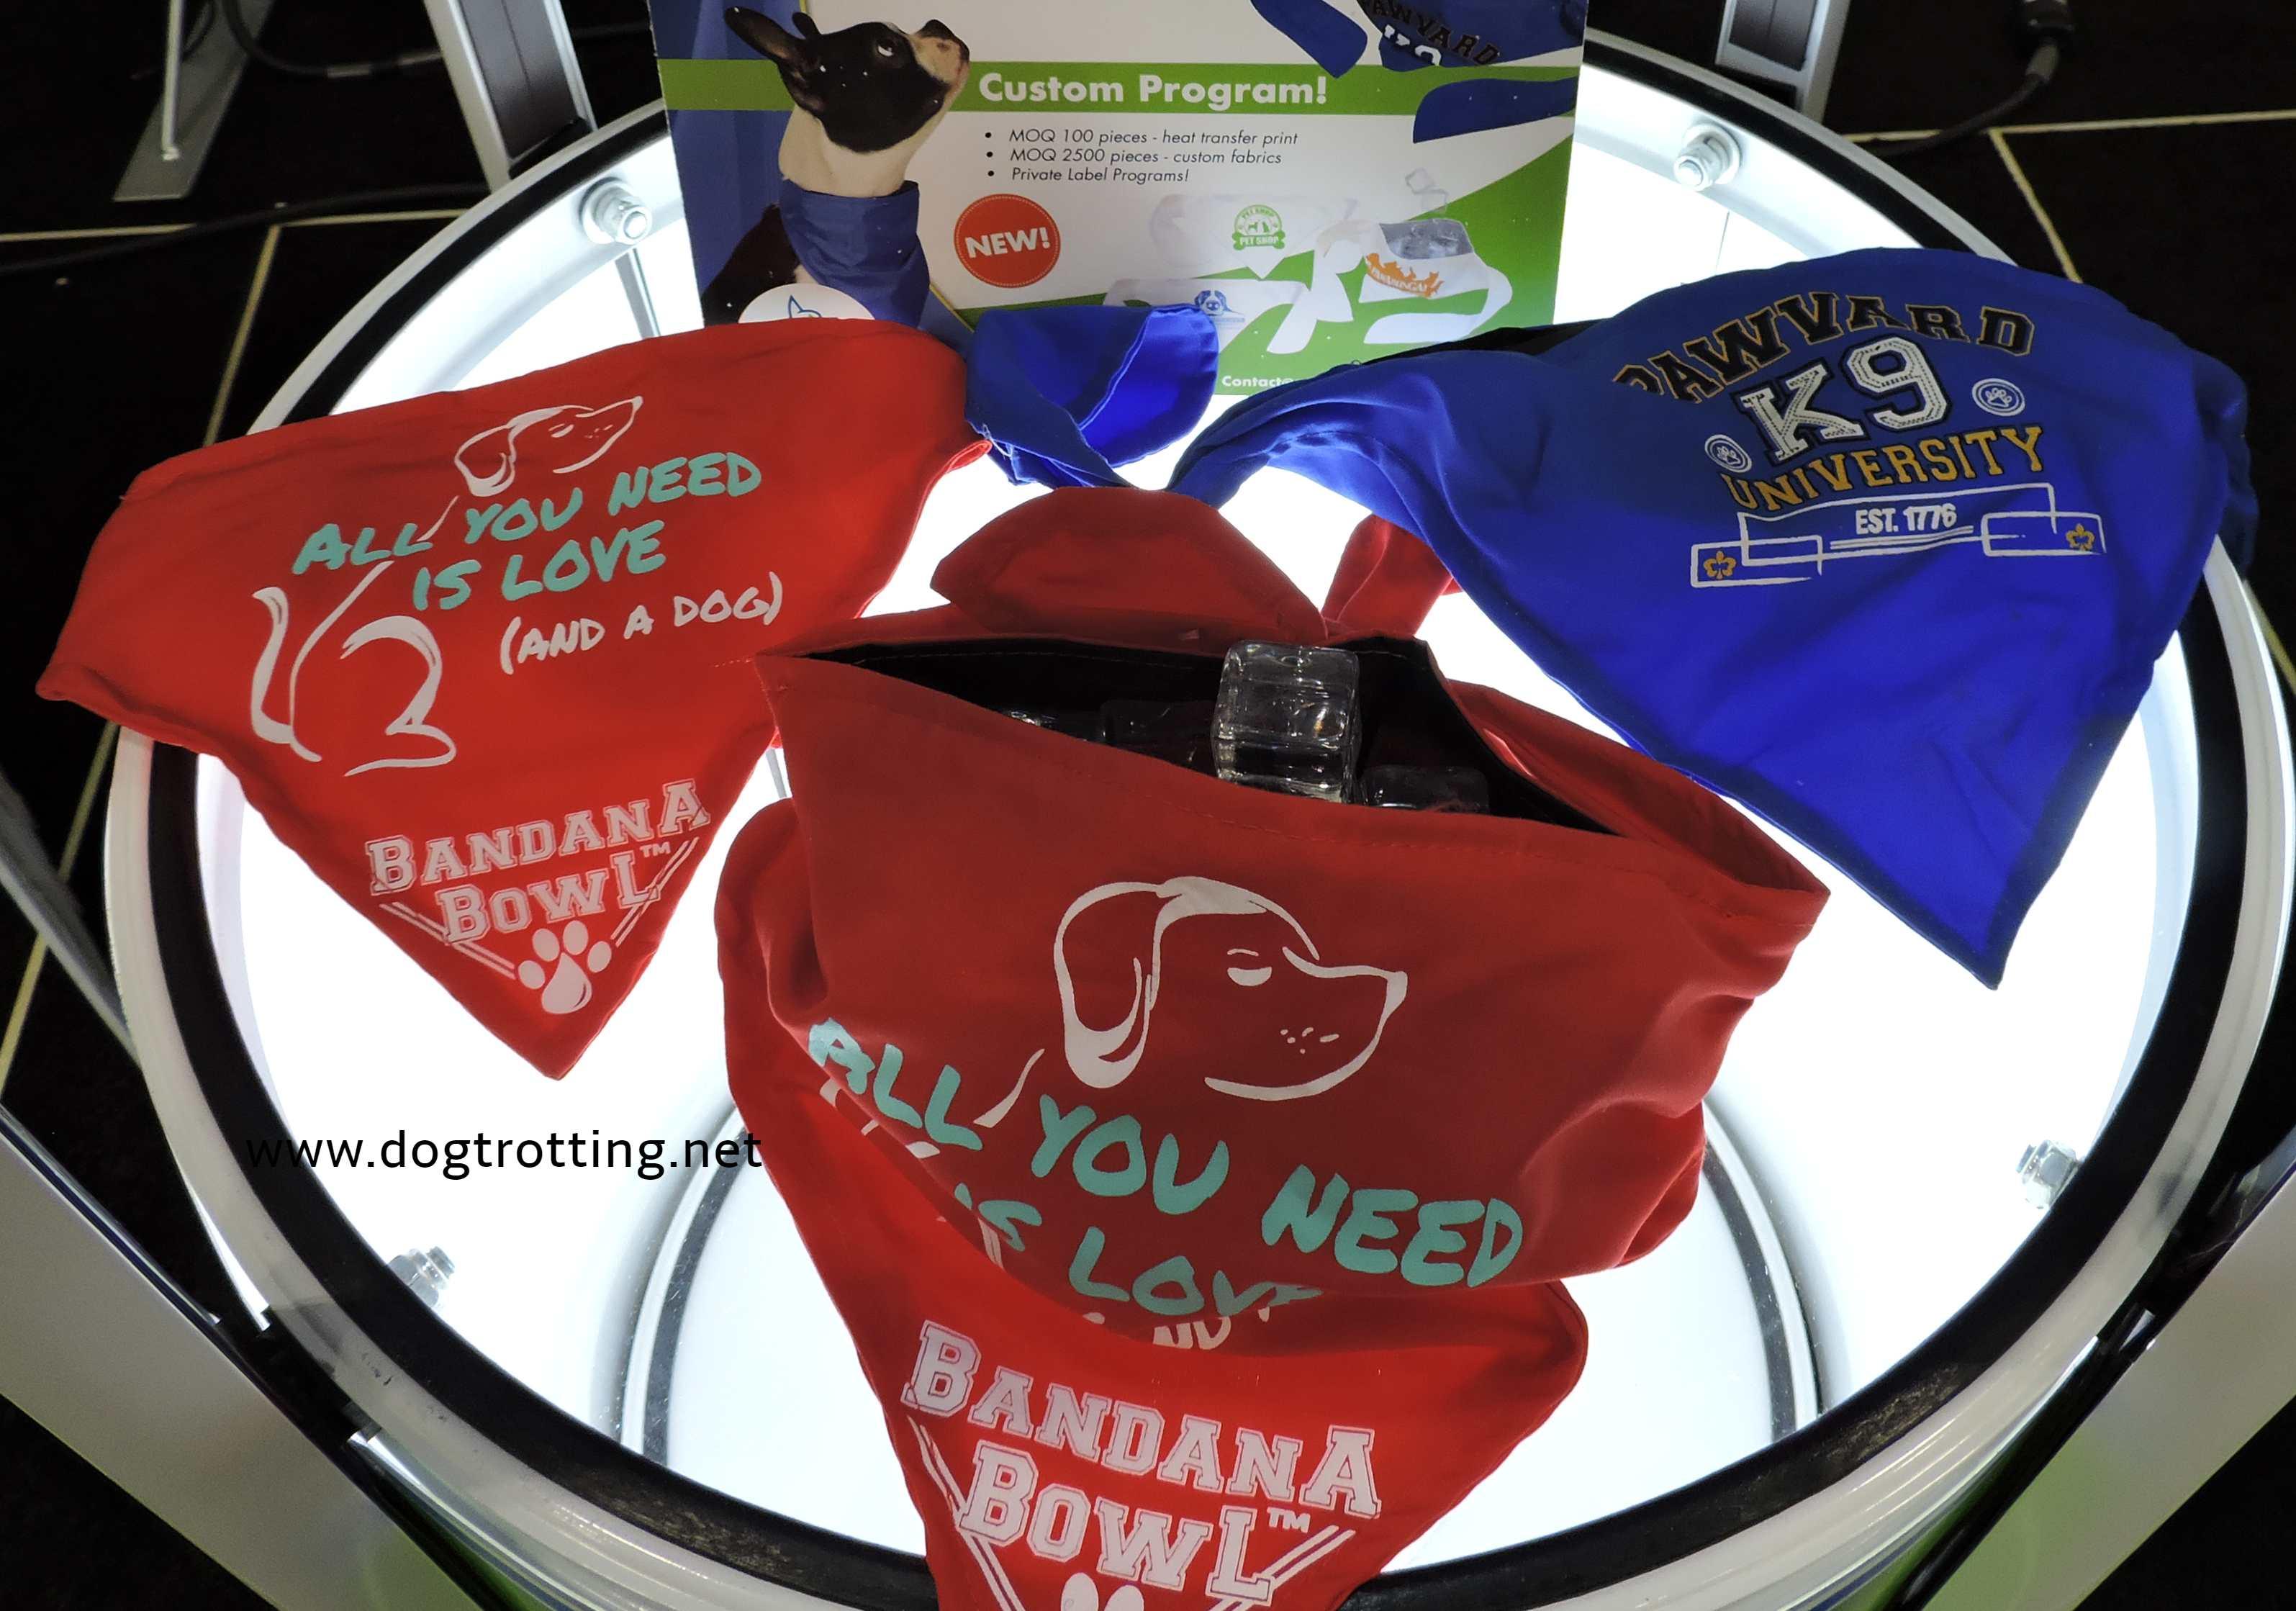 bandana bowl dog product